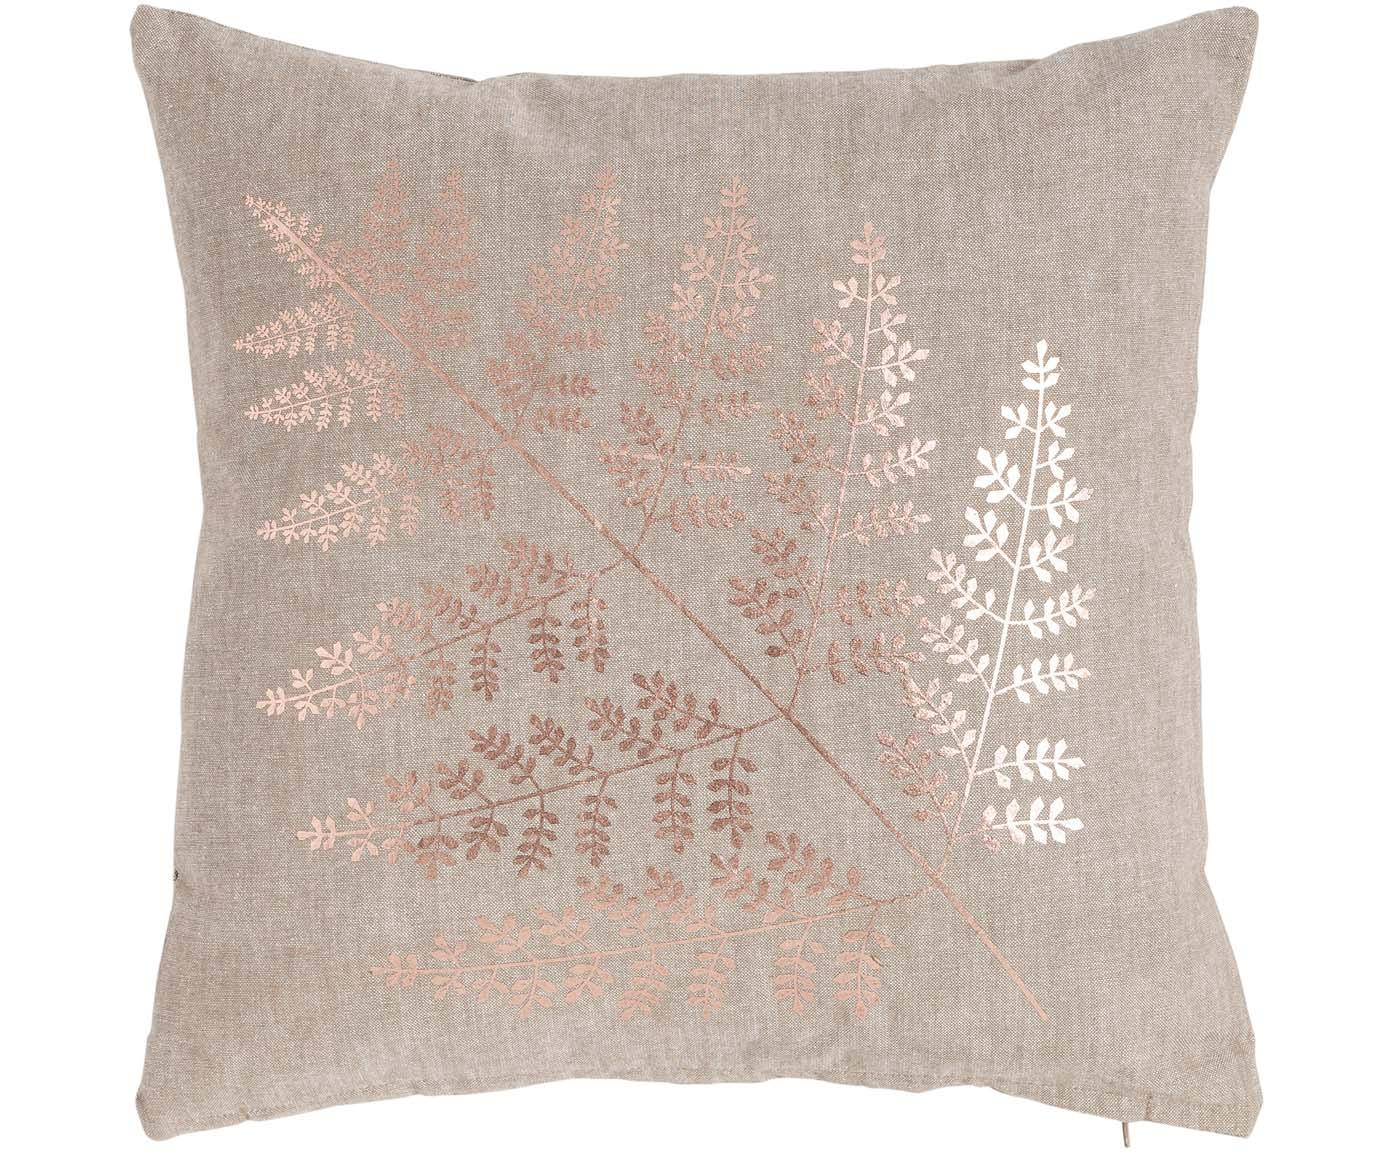 Kissen Big Fern mit glänzendem Print, mit Inlett, Bezug: 100% Baumwolle, Sandfarben, Kupferfarben, 45 x 45 cm